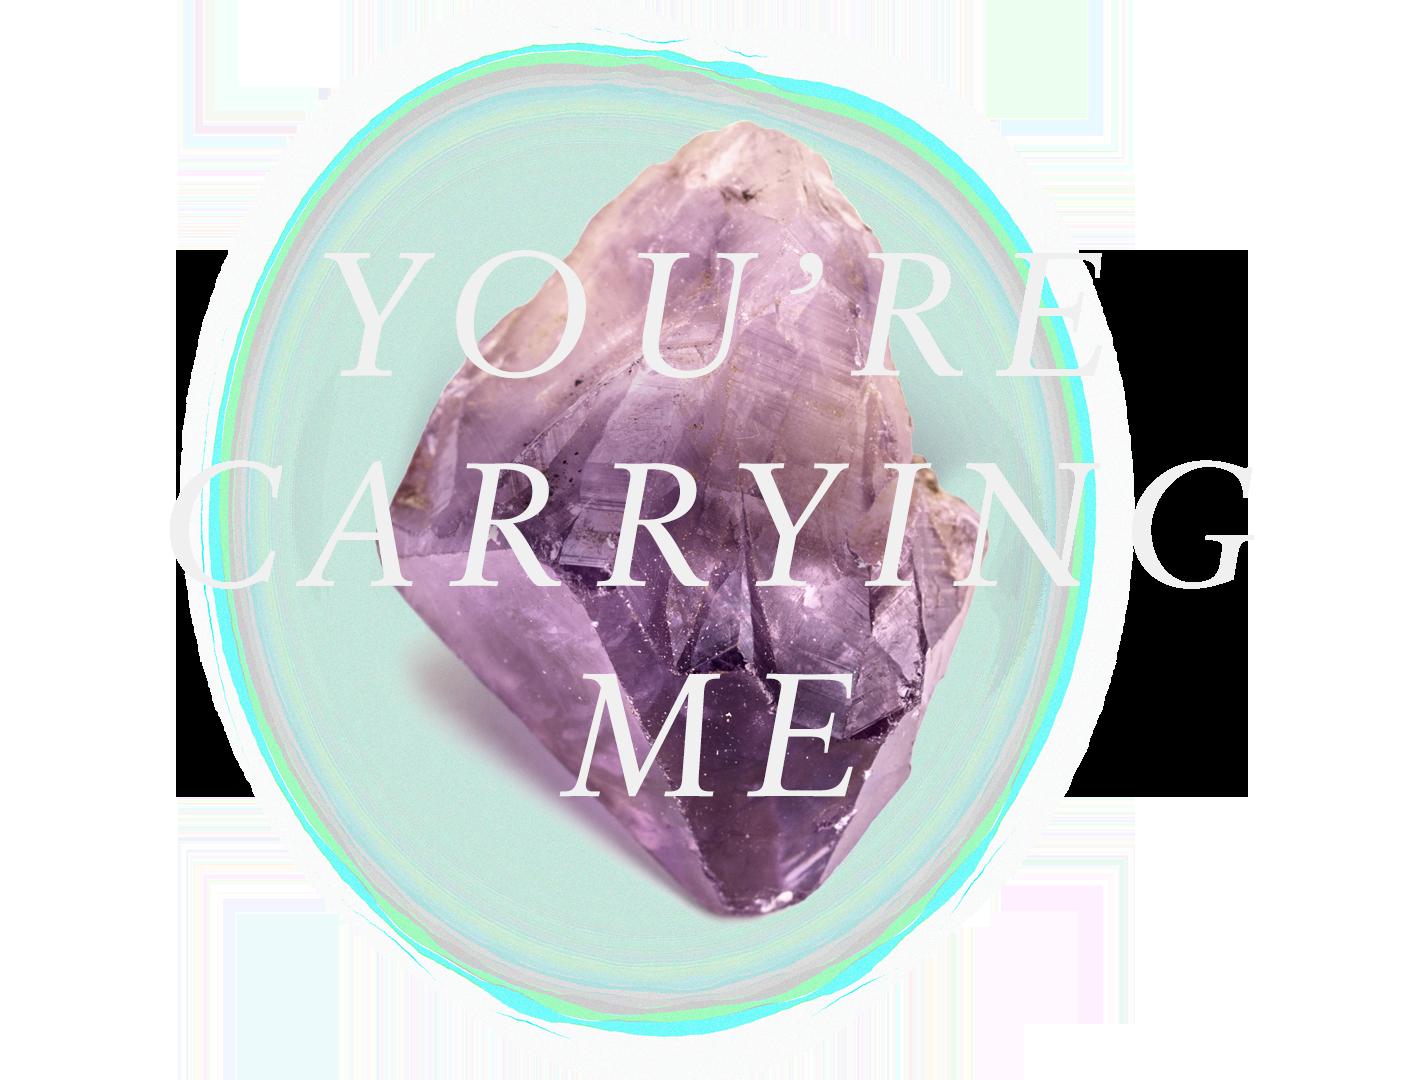 YoureCarryingMe-Header-Element.png